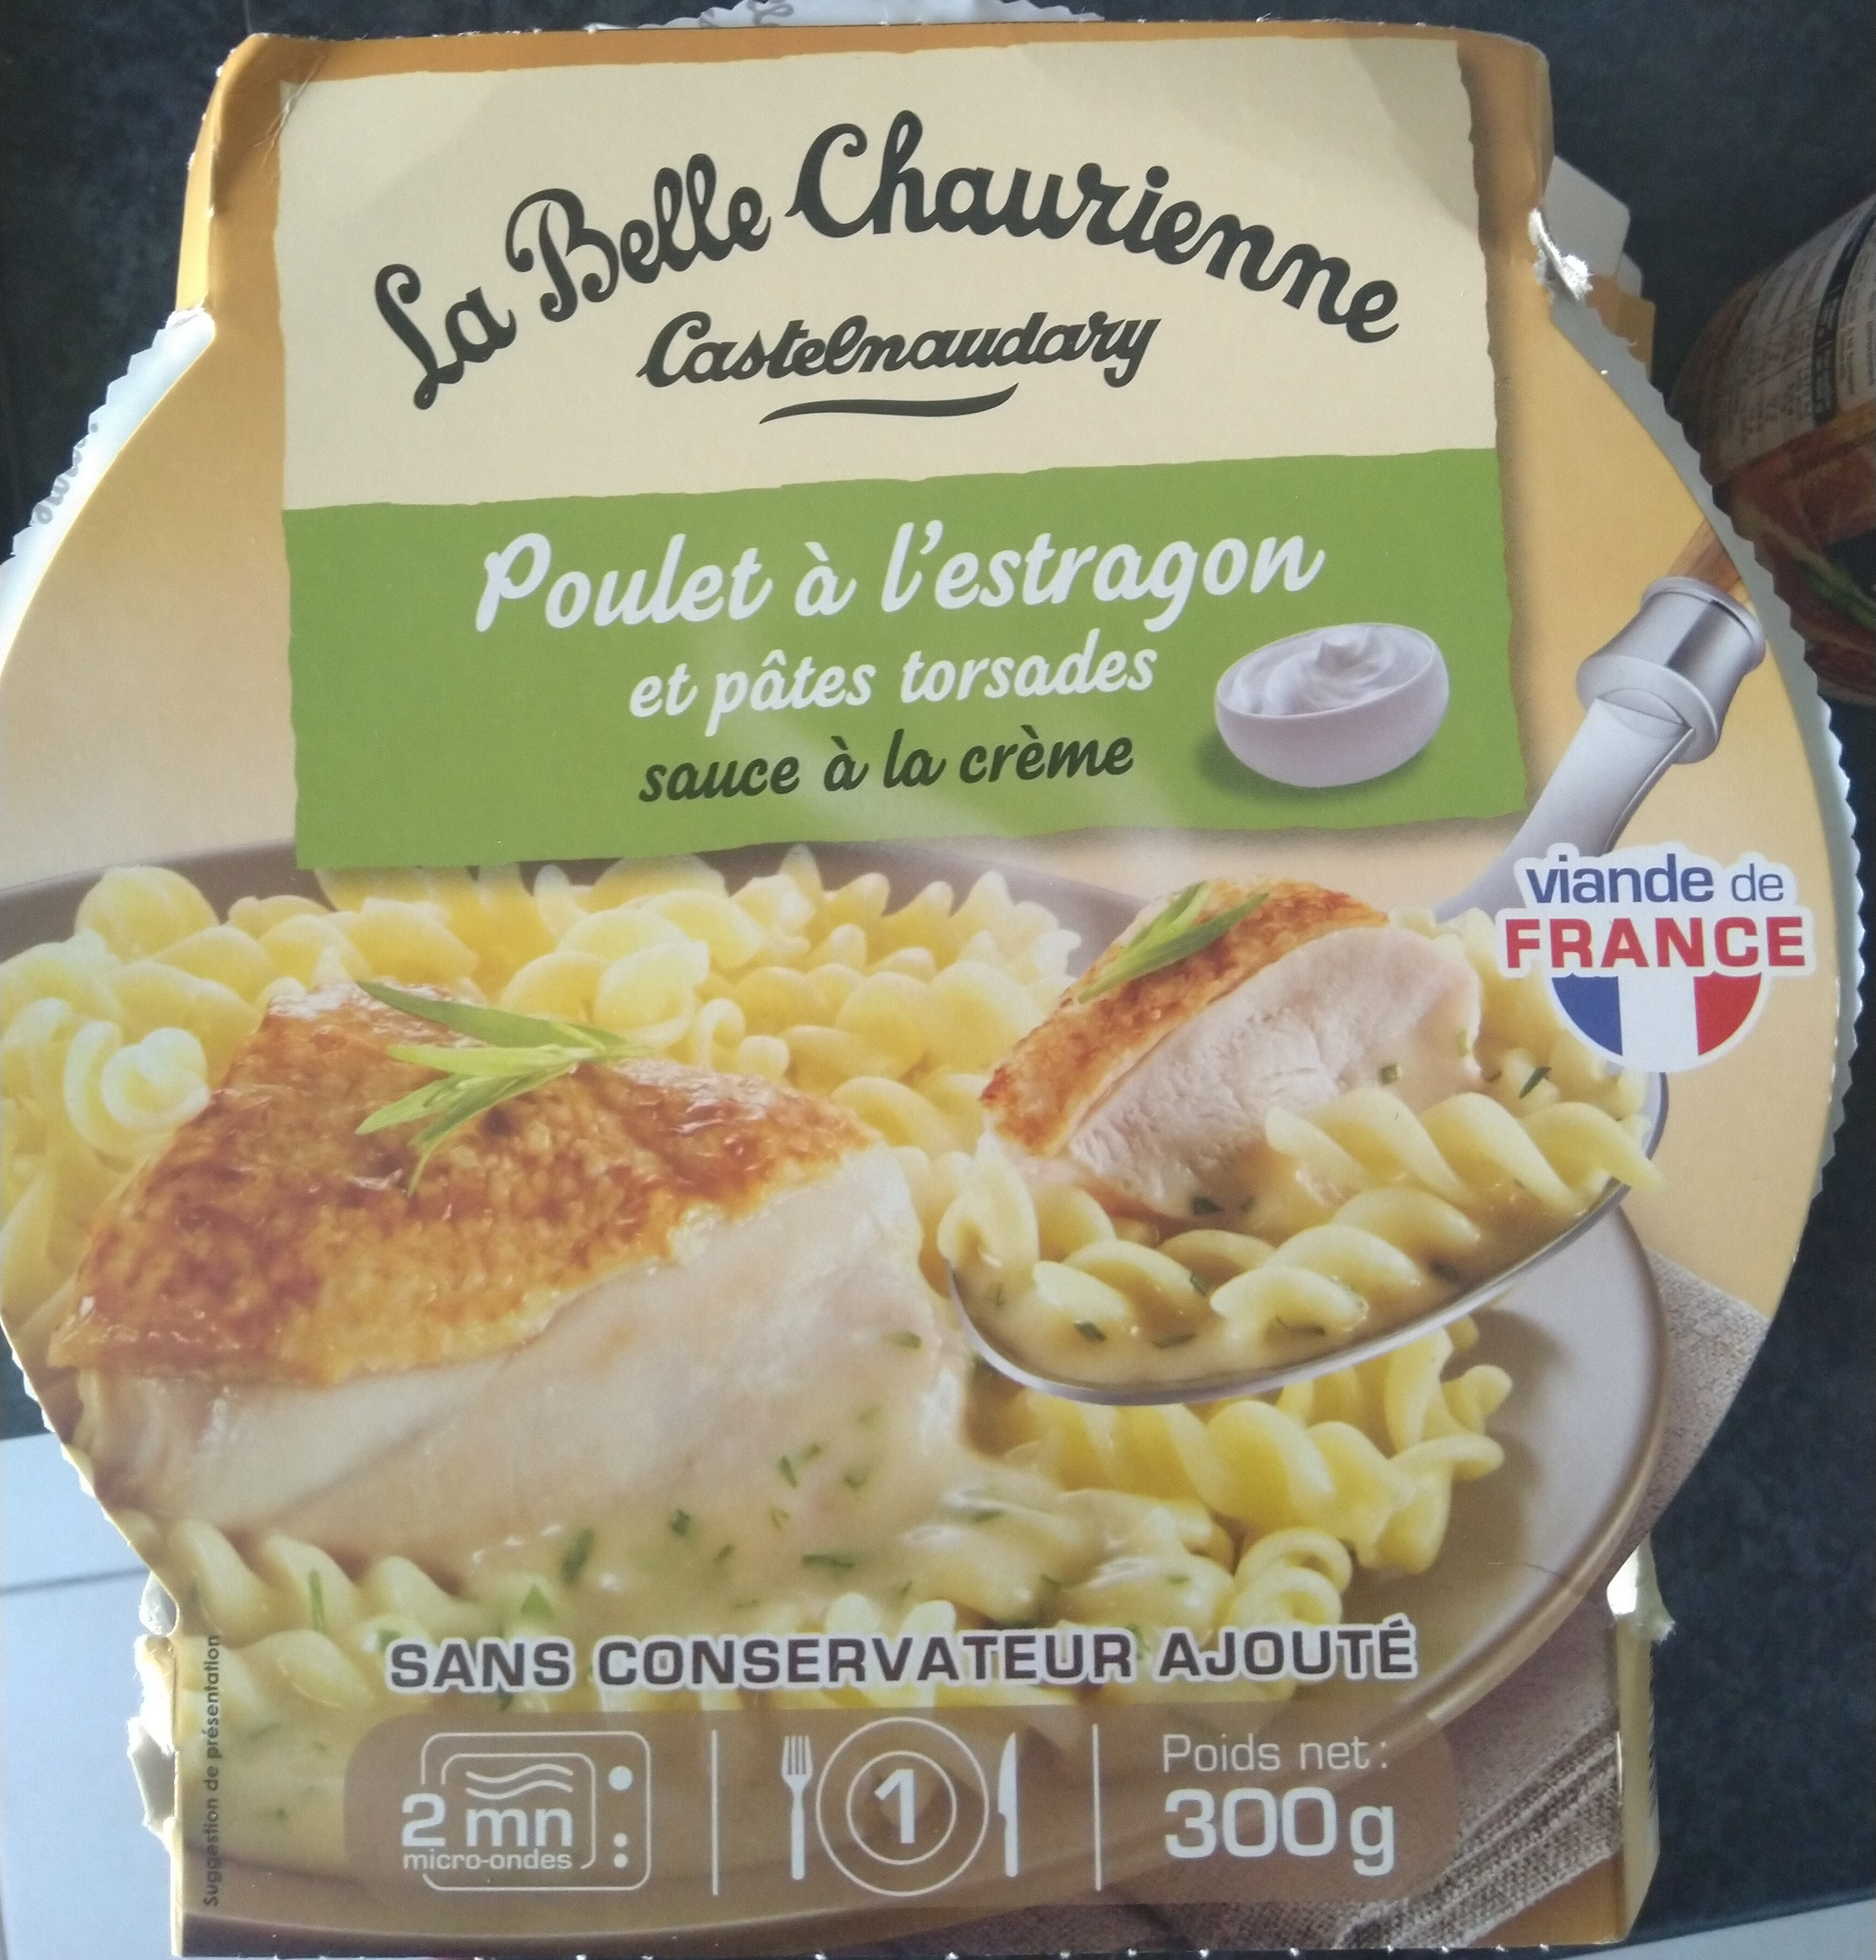 Poulet à l'Estragon et Pâtes torsades - Product - fr